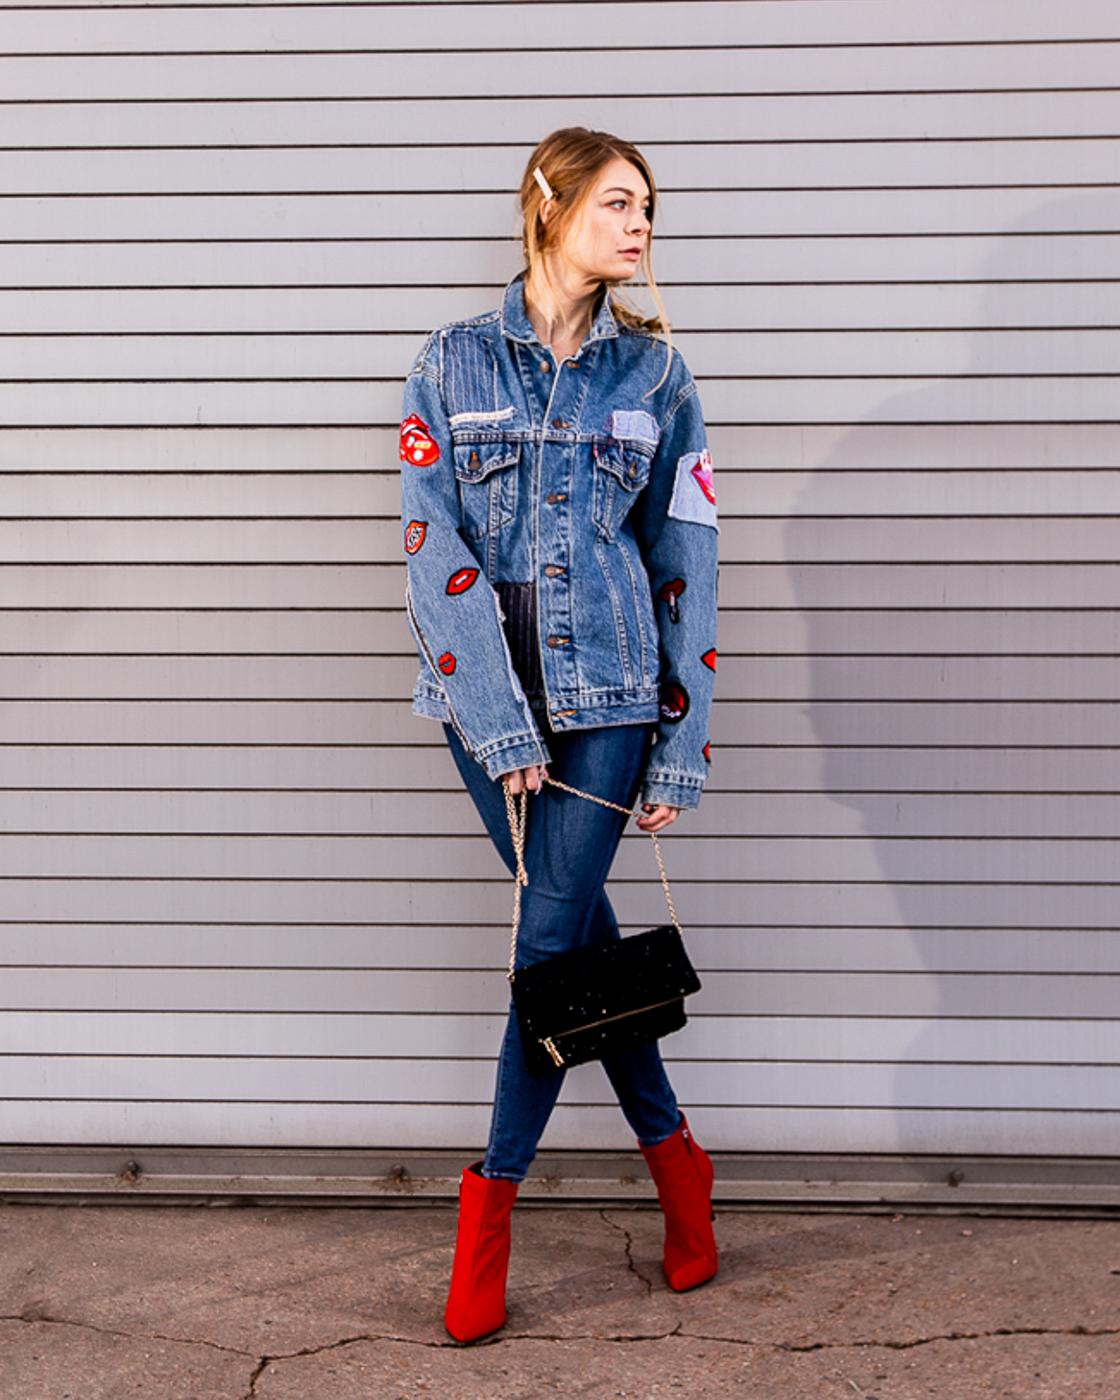 Rebellelion - Upcycled Denim Jackets - Independent Denver Designer-1